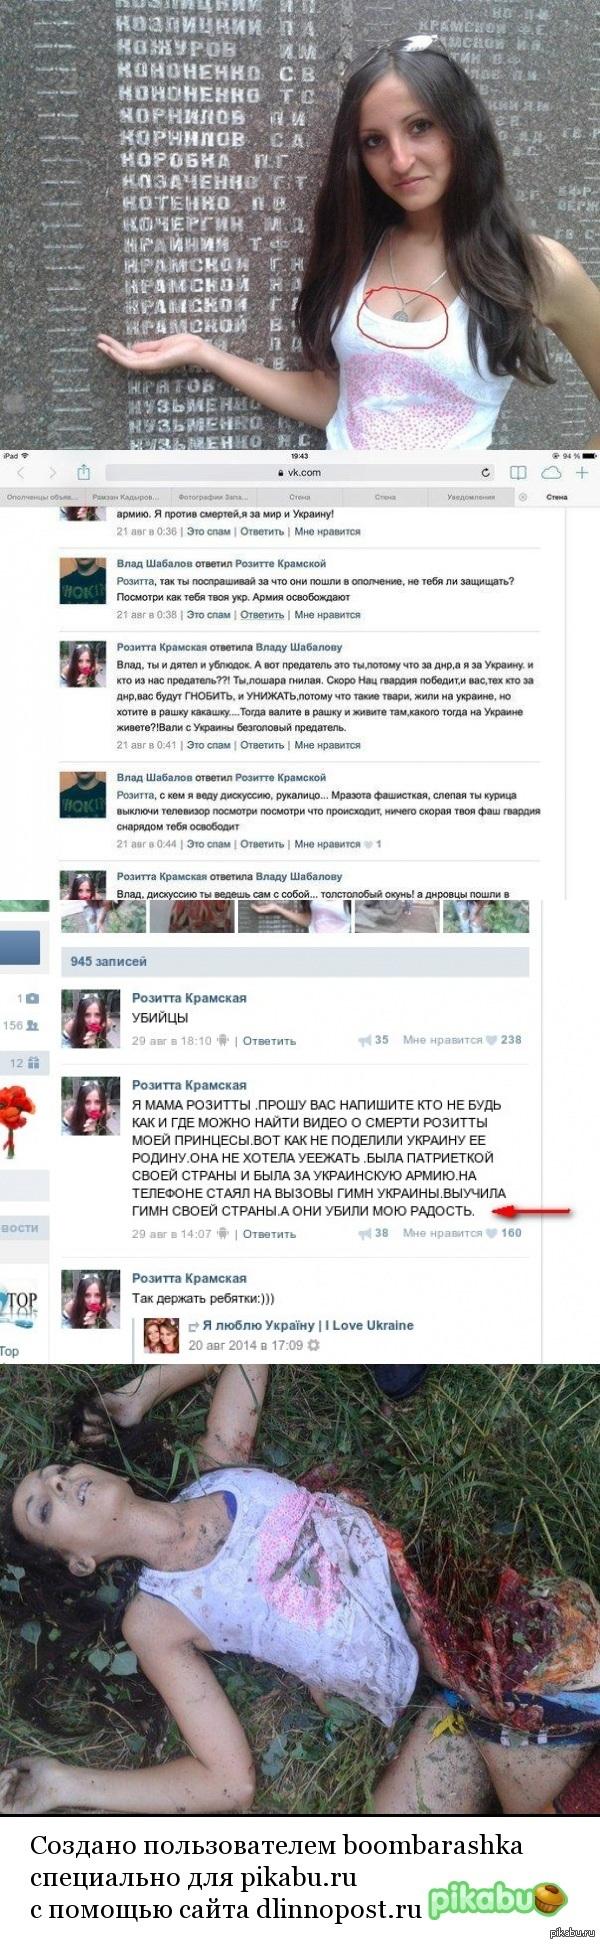 Секс с девушкой с украины 1 фотография